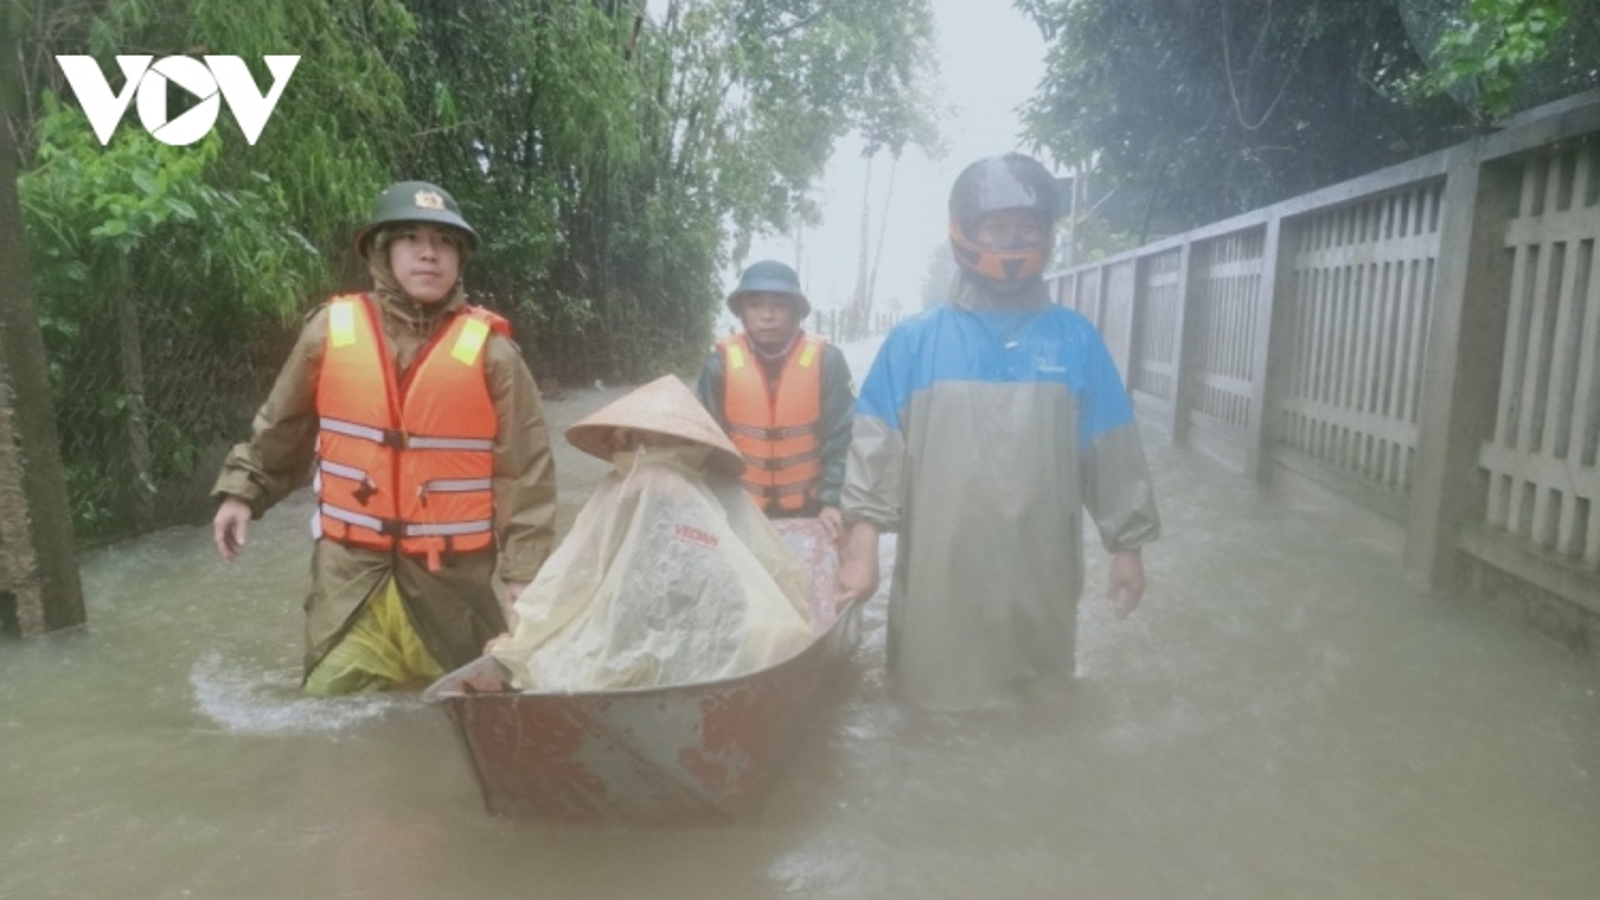 Công an Hà Tĩnh dầm mình trong mưa lũ cõng dân đi sơ tán